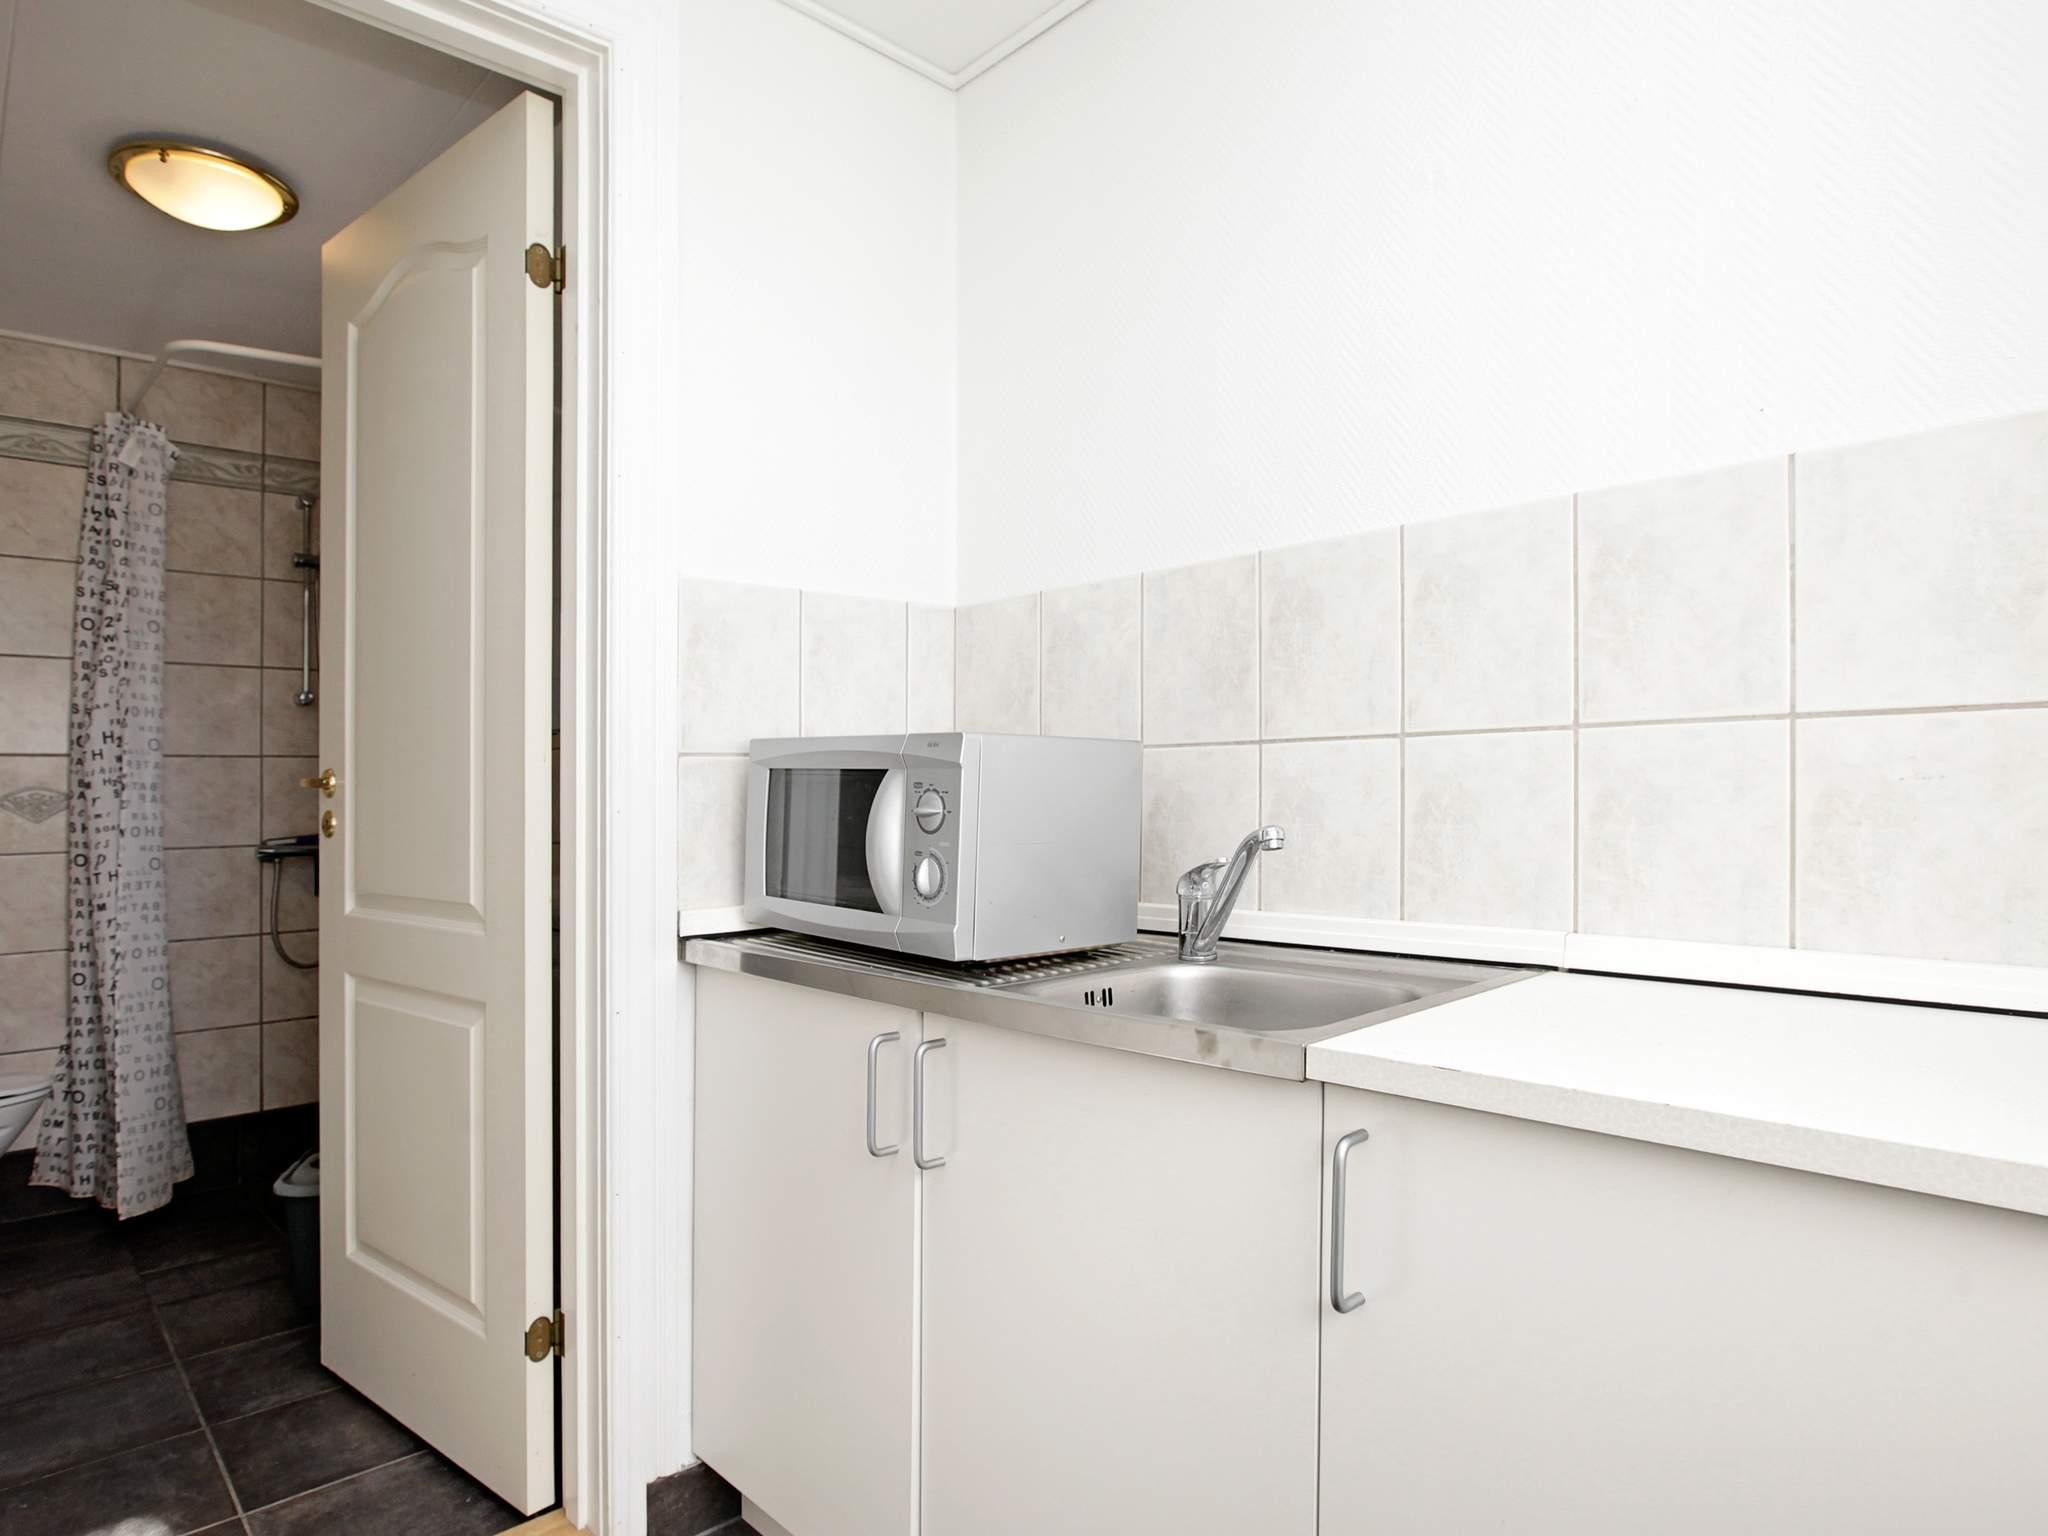 Ferienhaus Silkeborg (757425), Silkeborg, , Ostjütland, Dänemark, Bild 15